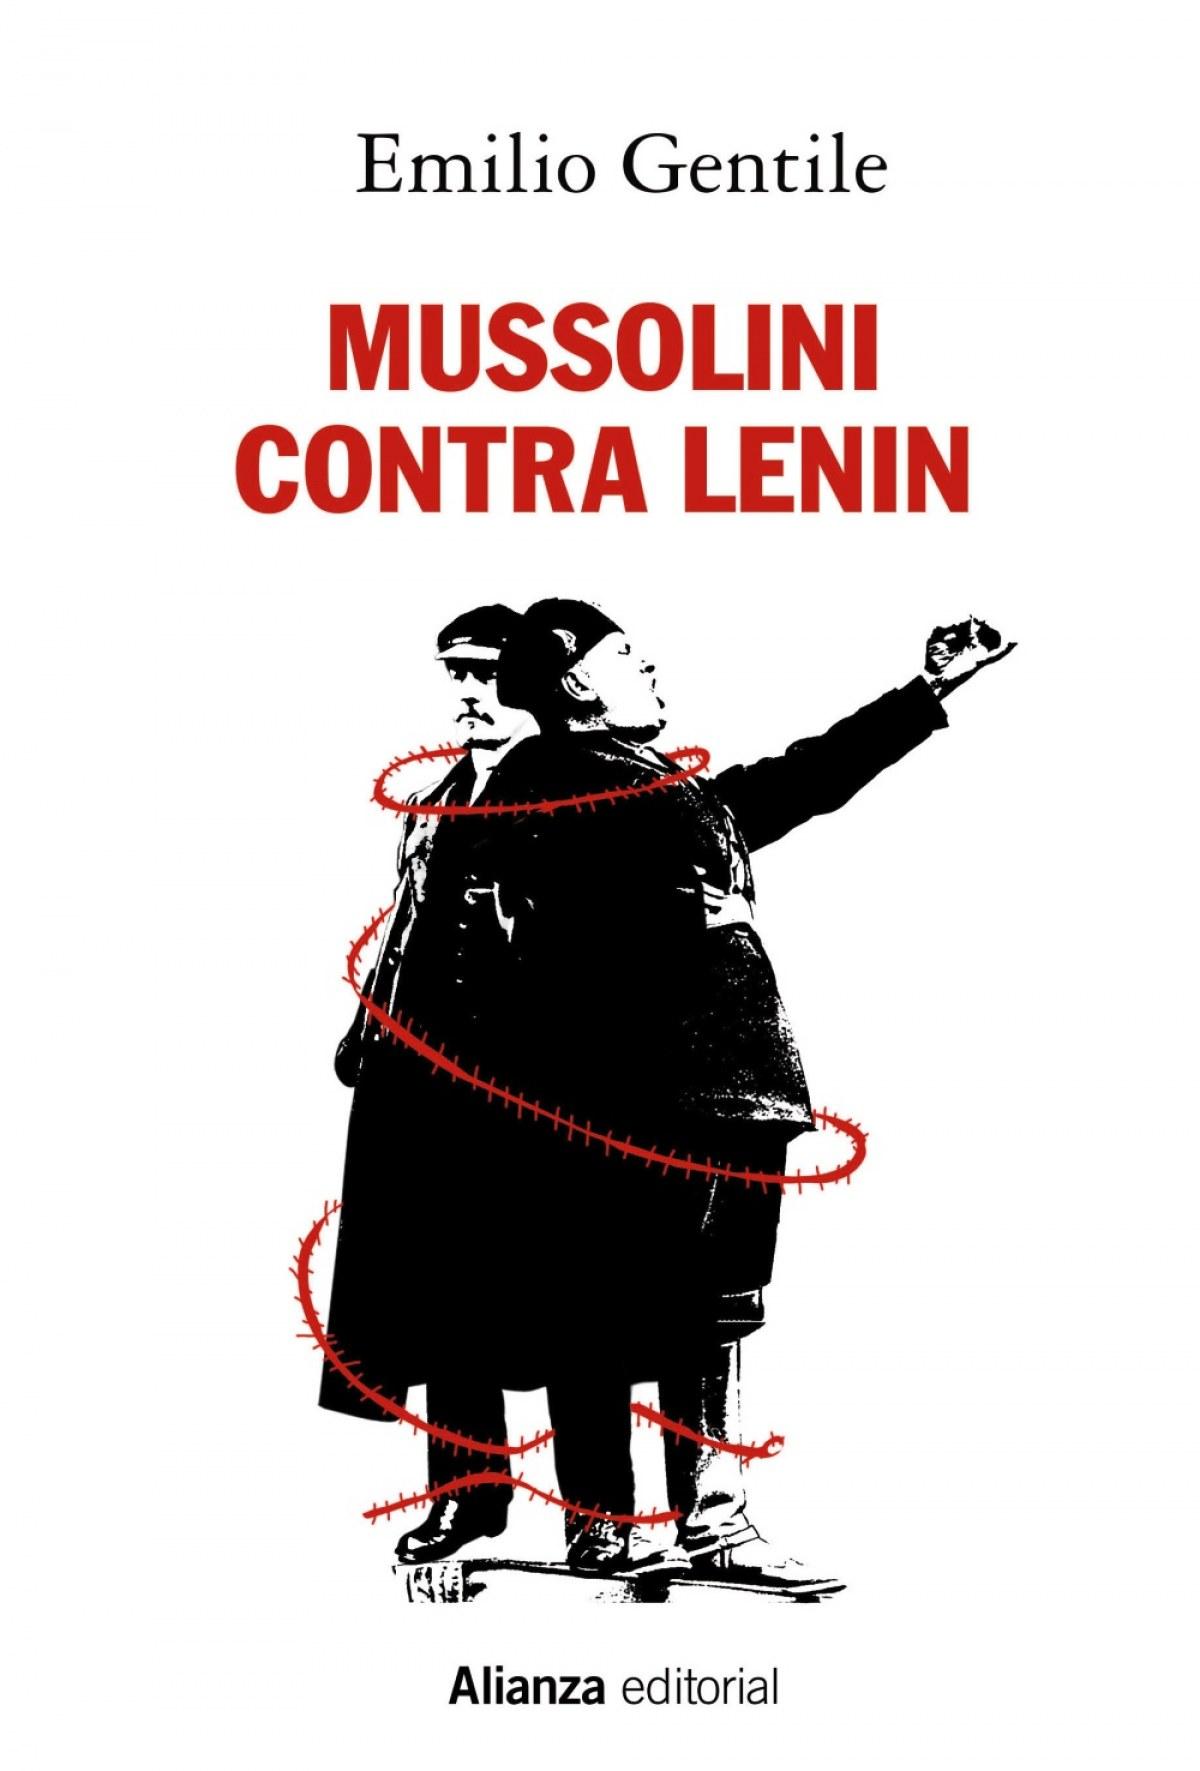 Mussolini contra lenin - Genile, Emilio